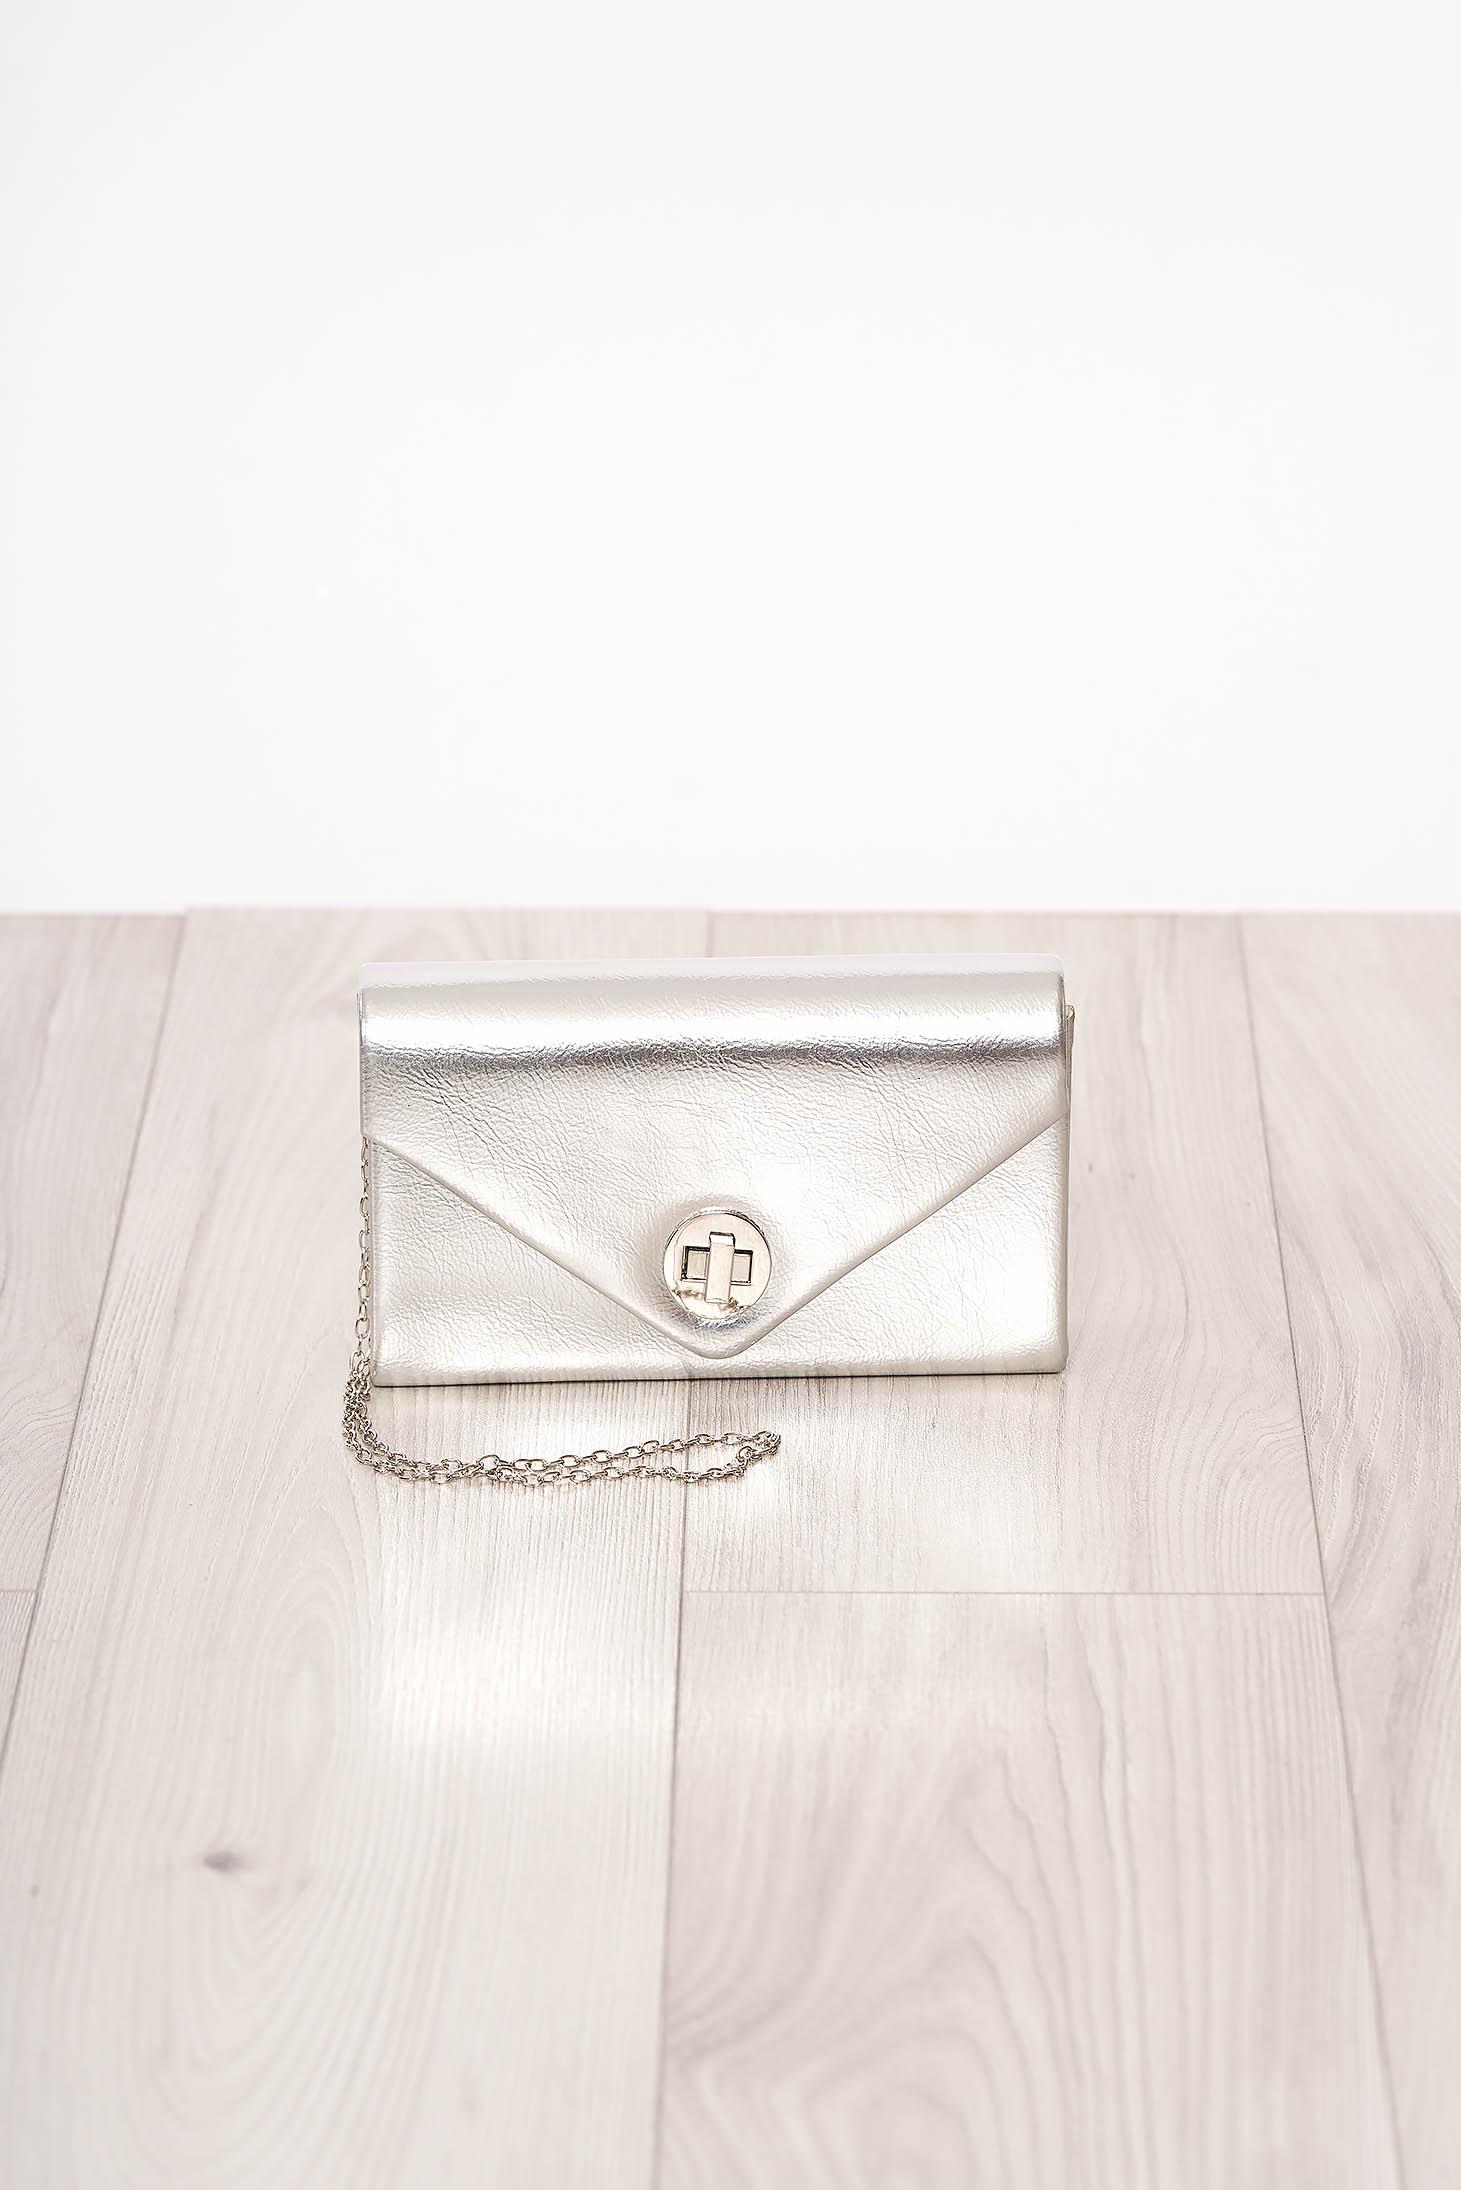 Geanta dama SunShine argintie de ocazie din piele ecologica cu aspect satinat cu maner lung tip lantisor si accesorizata cu o catarama